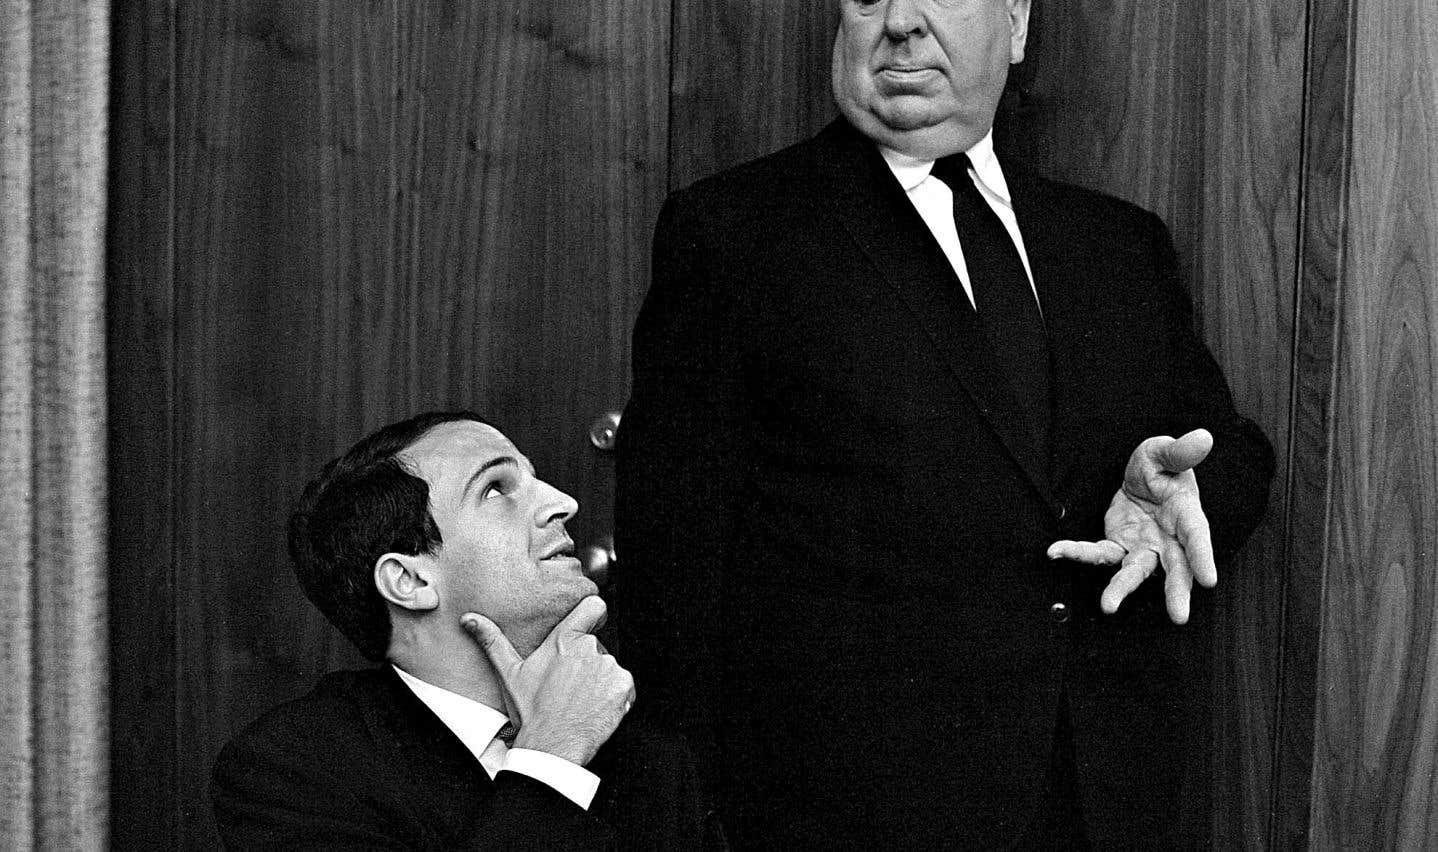 François Truffaut a développé une passion pour l'œuvre d'Alfred Hitchcock, le maître du suspense. Il écrira le livre «Hitchcock/Truffaut» à partir d'une série d'entrevues-fleuves avec le cinéaste américain.